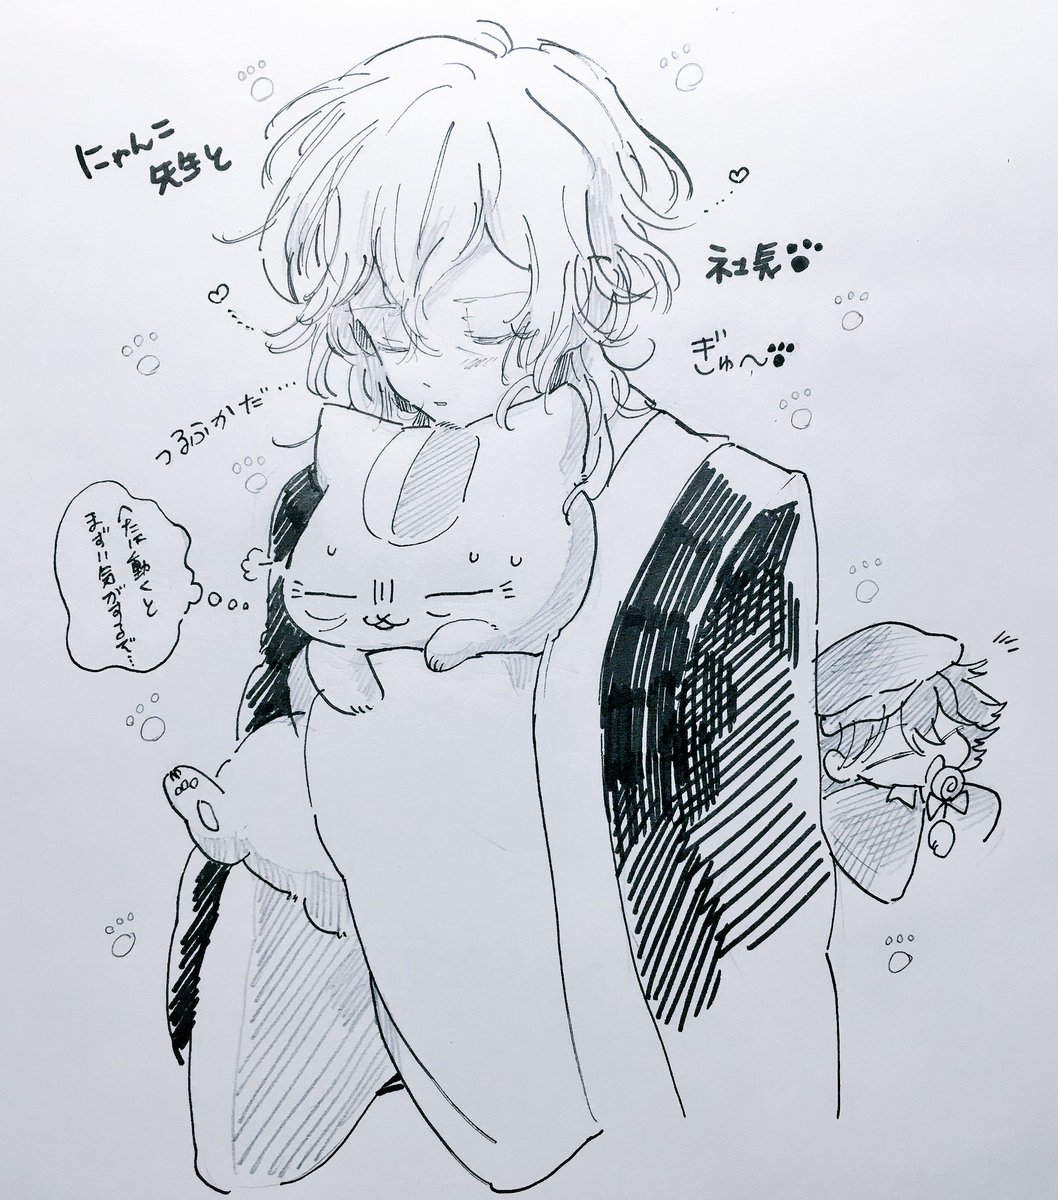 らんぽさん😕💭(社長がブサイクな猫抱いてる、、、) (夏目×文ストクロスオーバー)